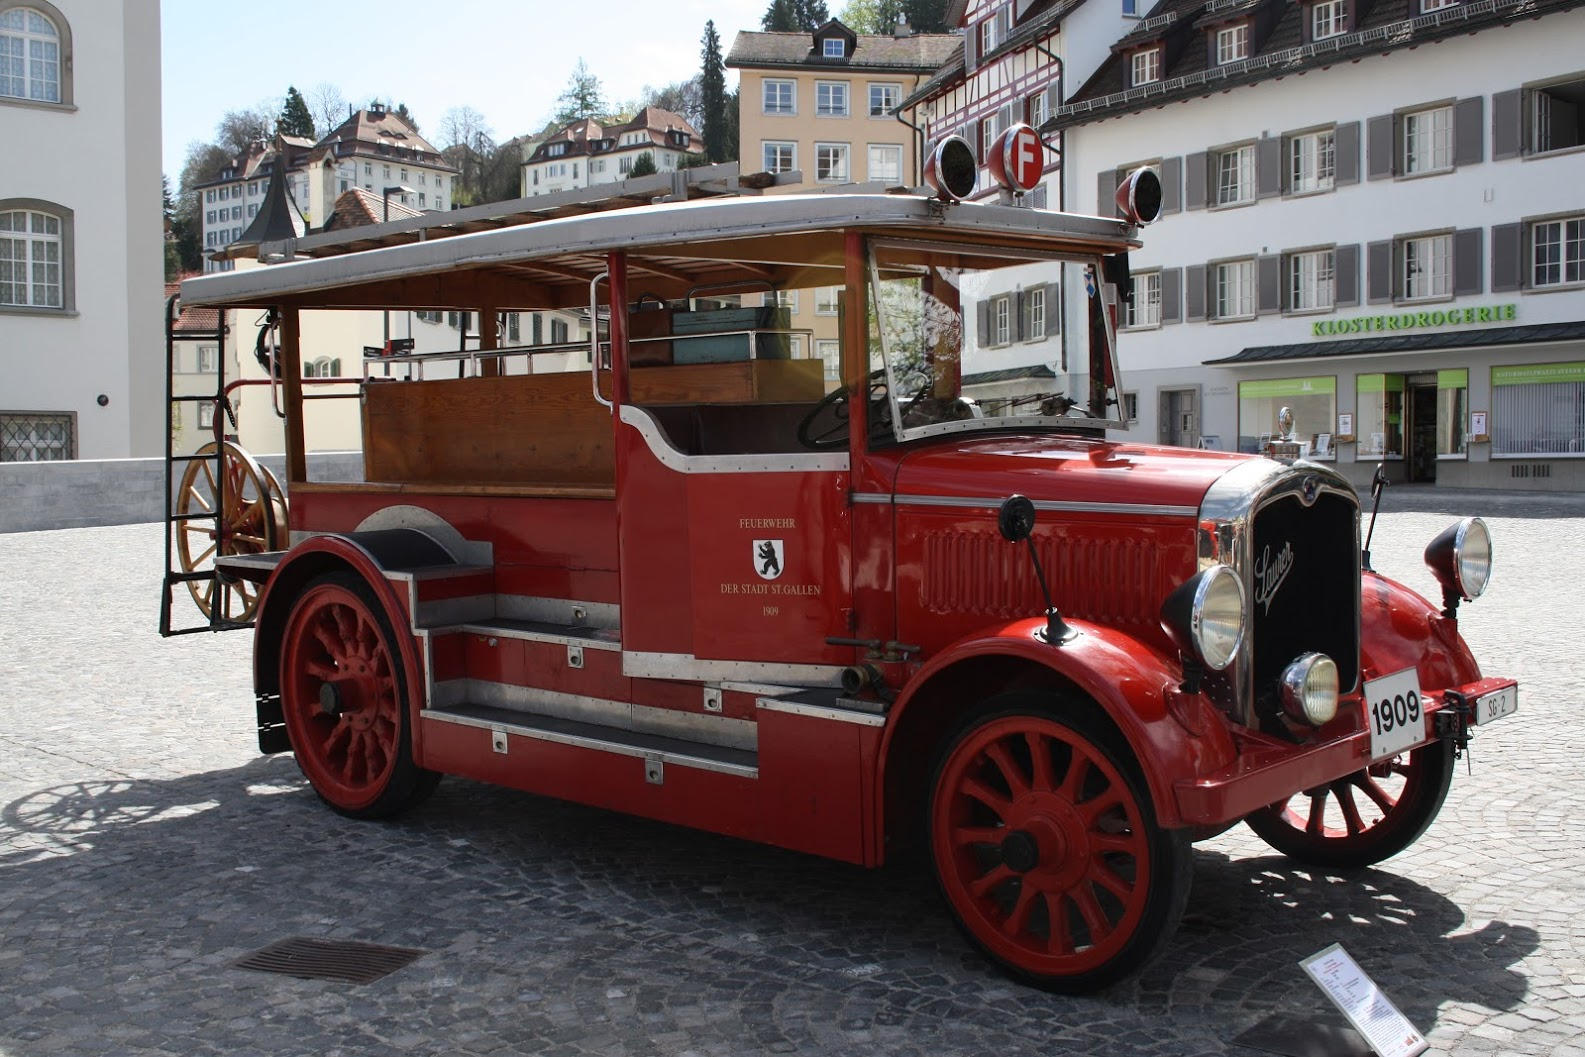 Das Feuerwehrmuseum in St.Gallen präsentiert alles zum Thema Feuerwehr, inkl. Oldtimerfahrzeugen